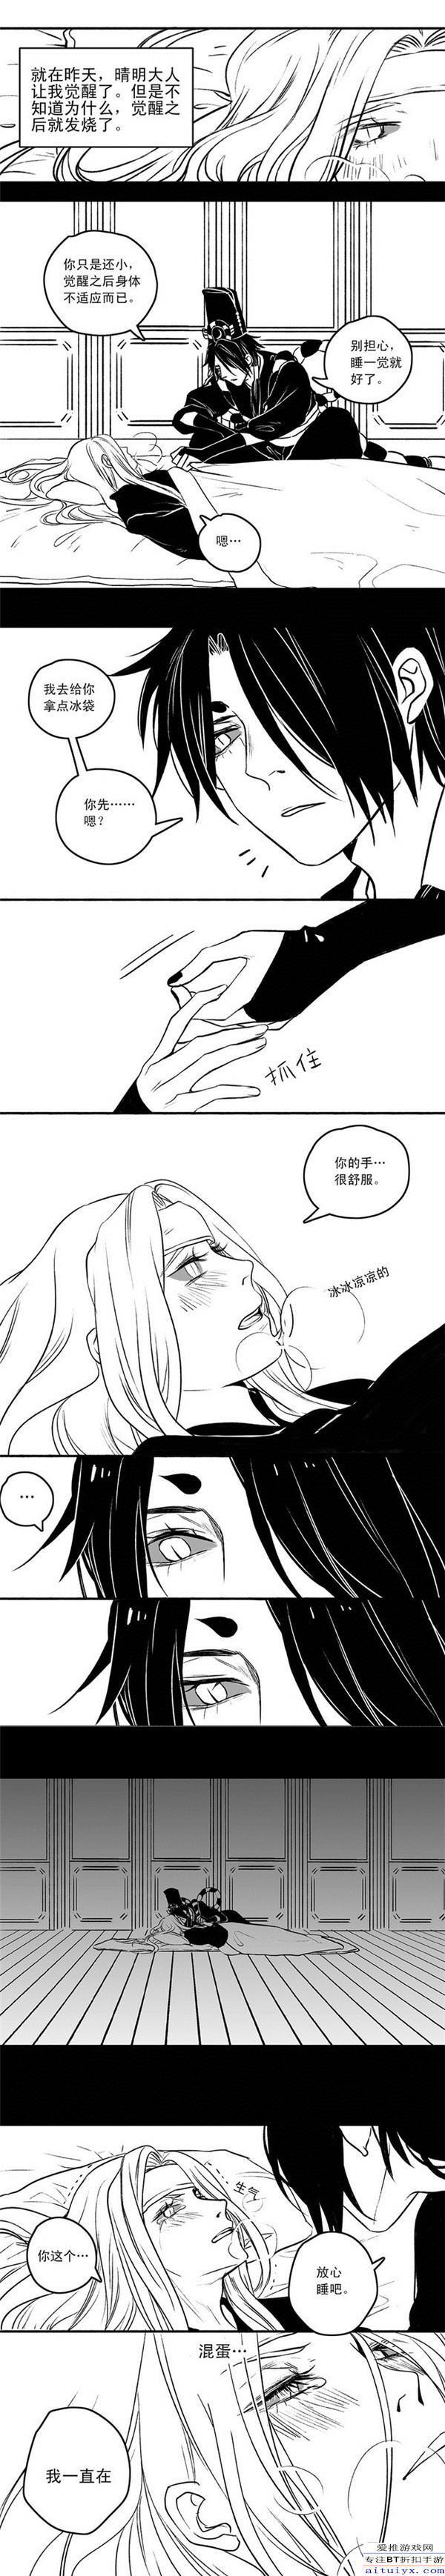 决战平安京同人漫画:〔鬼使黑白〕觉醒以后发烧啦